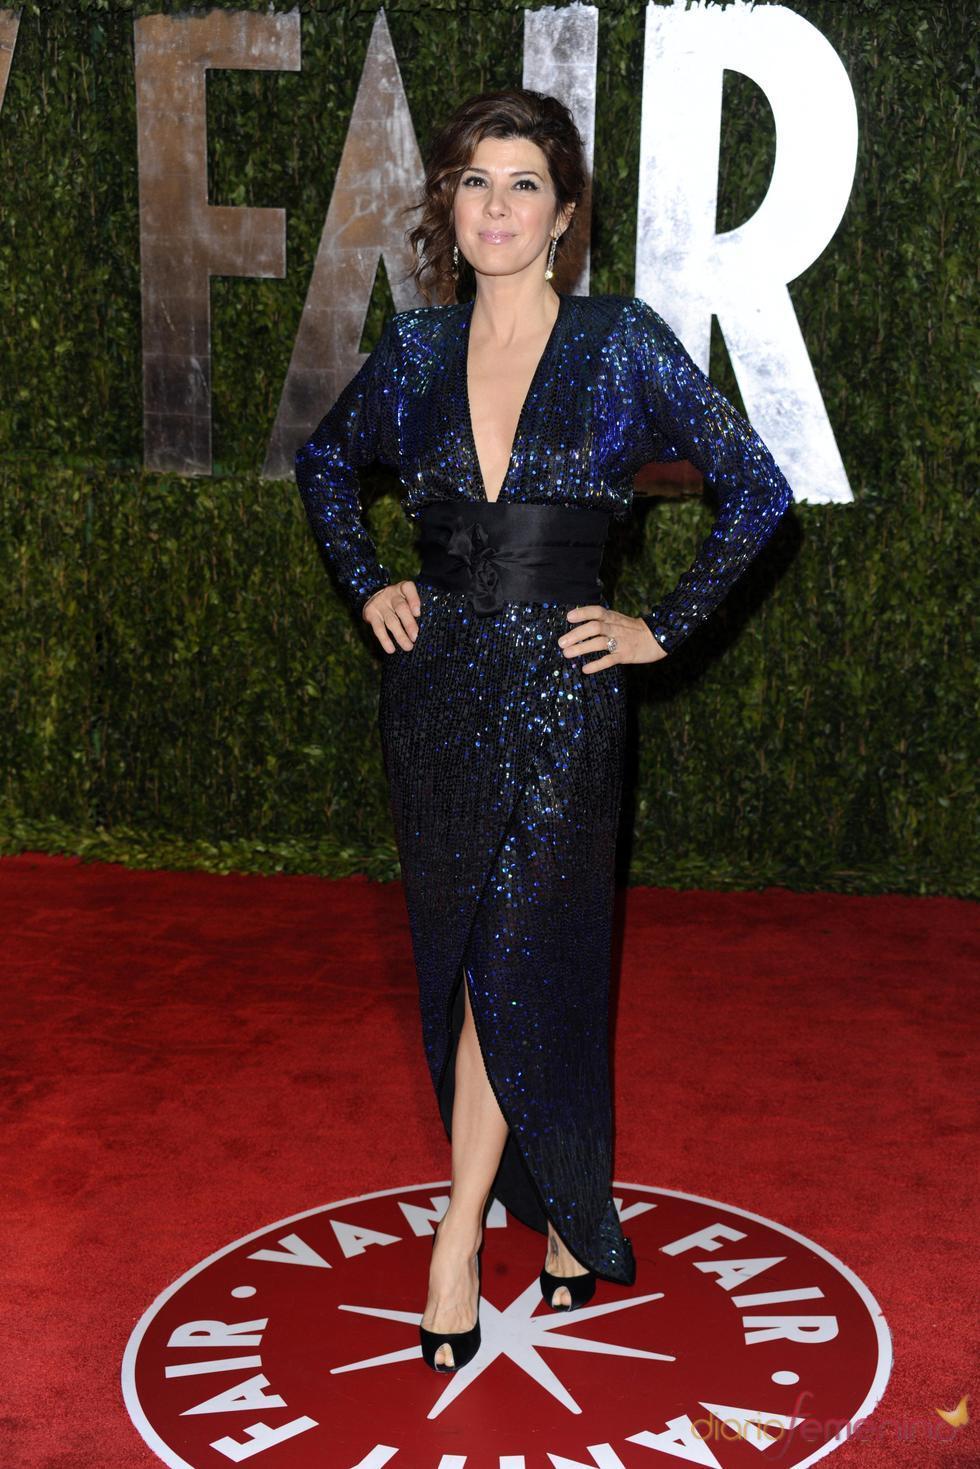 Marisa Tomei en la fiesta Vanity Fair Oscar 2010